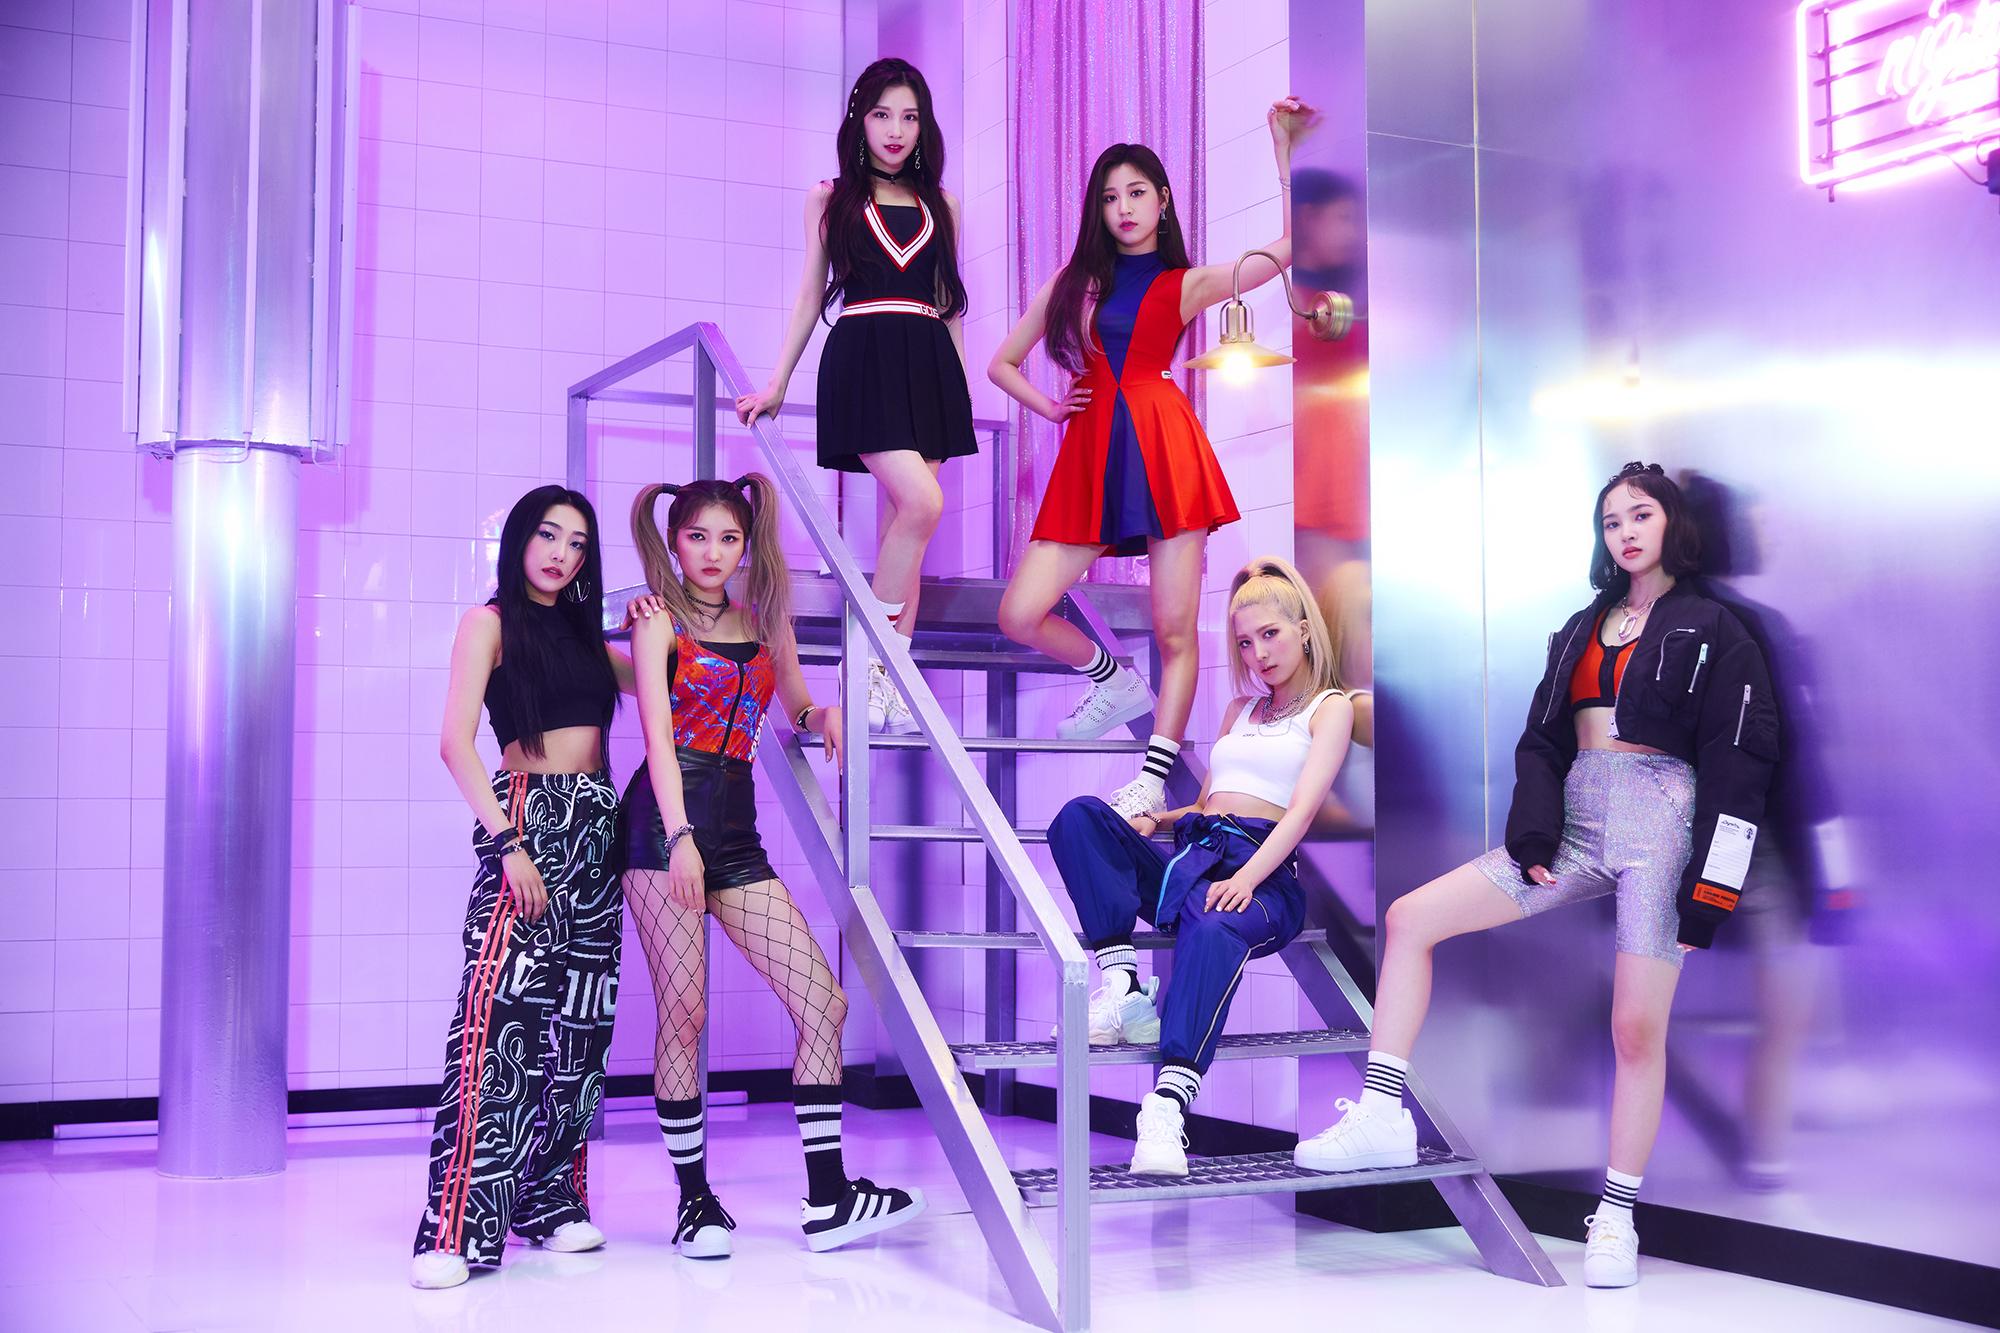 日韓同時デビューを控える『Bling Bling』新たなイメージショットと日本のファンへのメッセージ動画初公開!